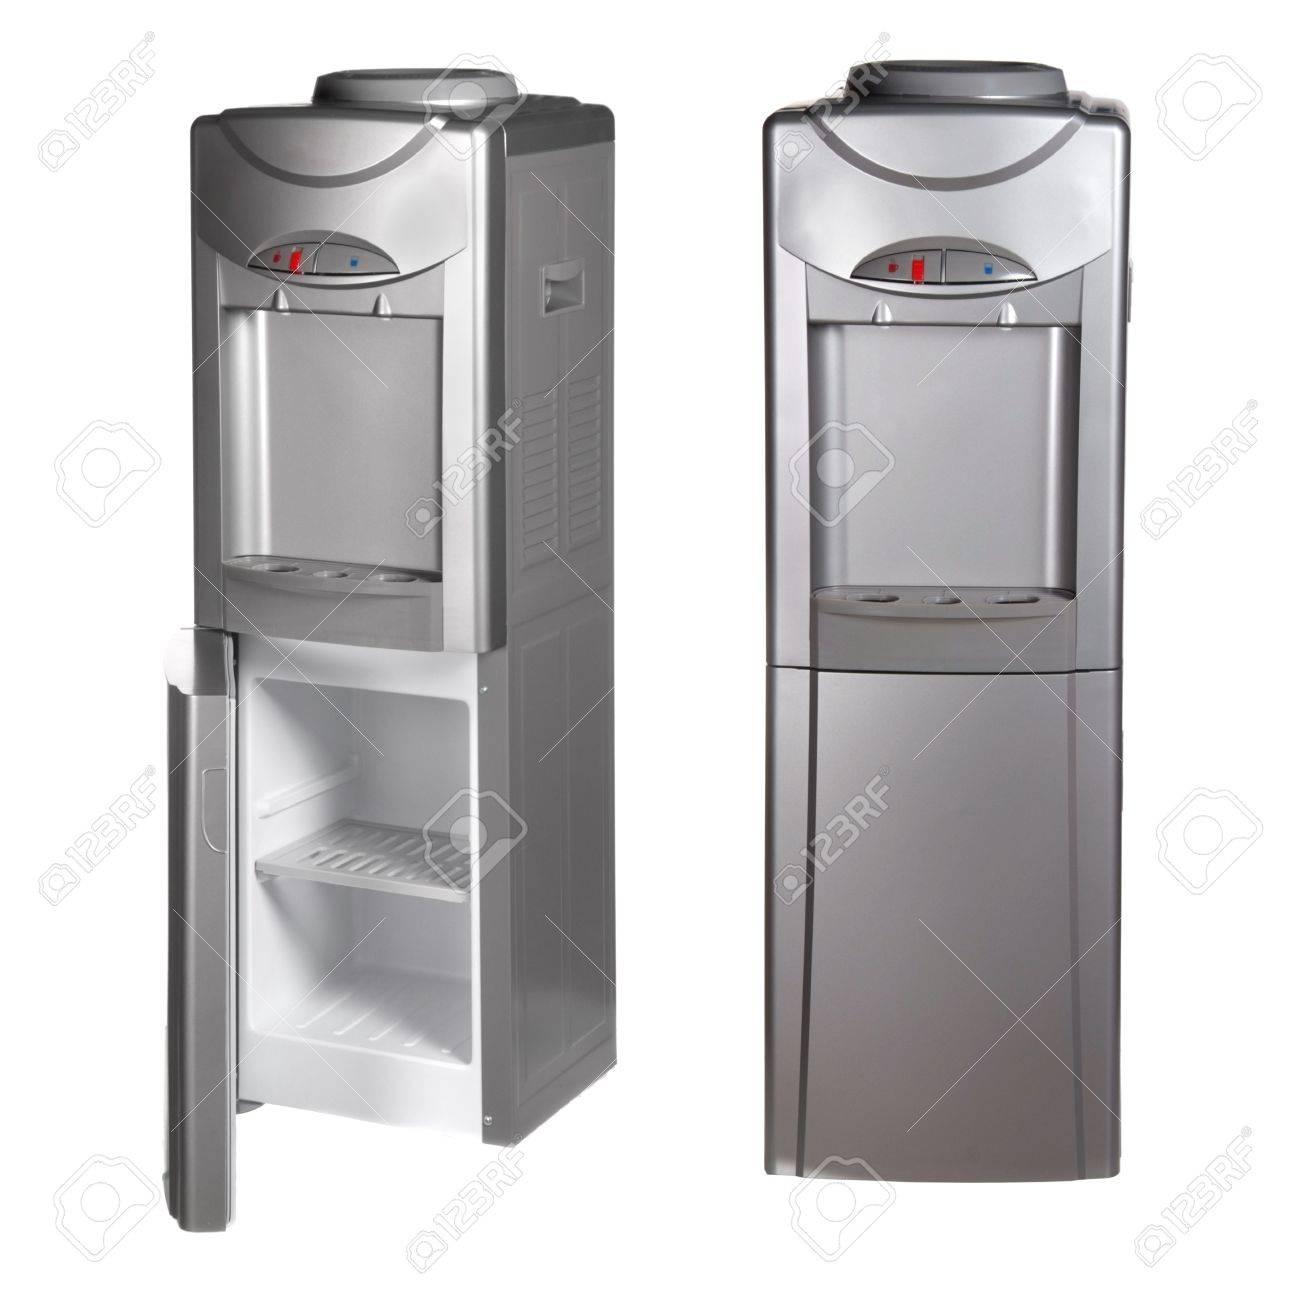 Metallic Kühlschrank Mit Wasserspender Isoliert Auf Weiß Standard Bild    14039835